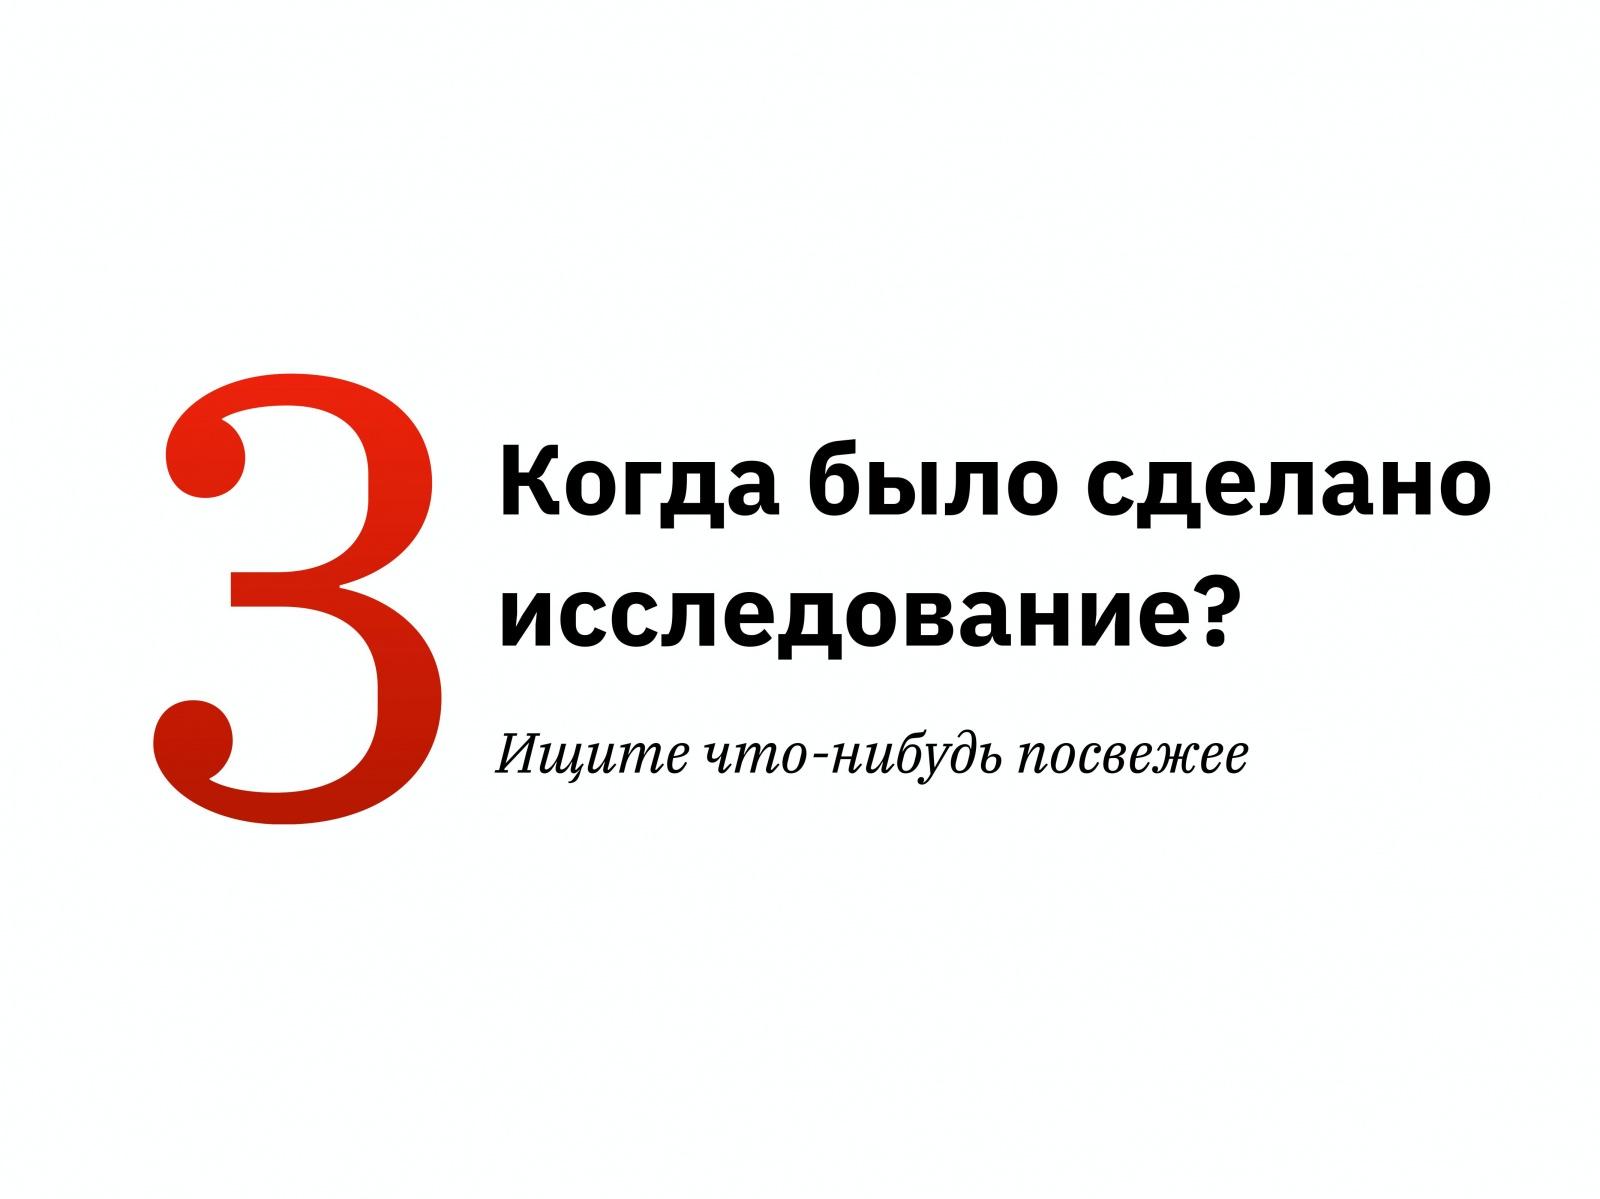 Алексей Каптерев: Критическое мышление 101 (часть 2) - 78